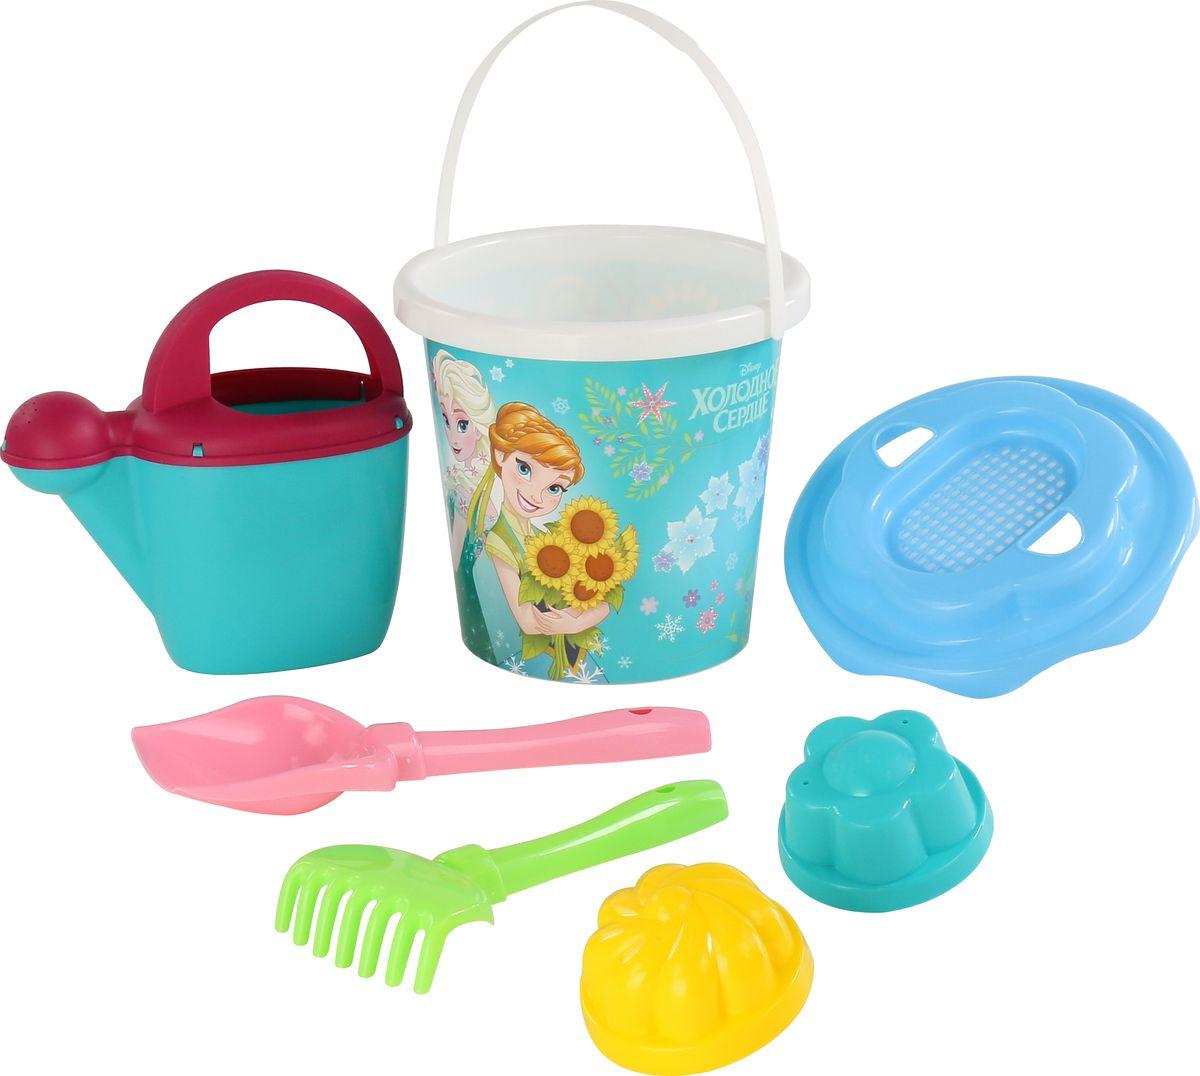 Disney Набор игрушек для песочницы Холодное сердце №12 7 предметов, цвет в ассортименте polesie набор игрушек для песочницы полесье холодное сердце 14 7 предметов